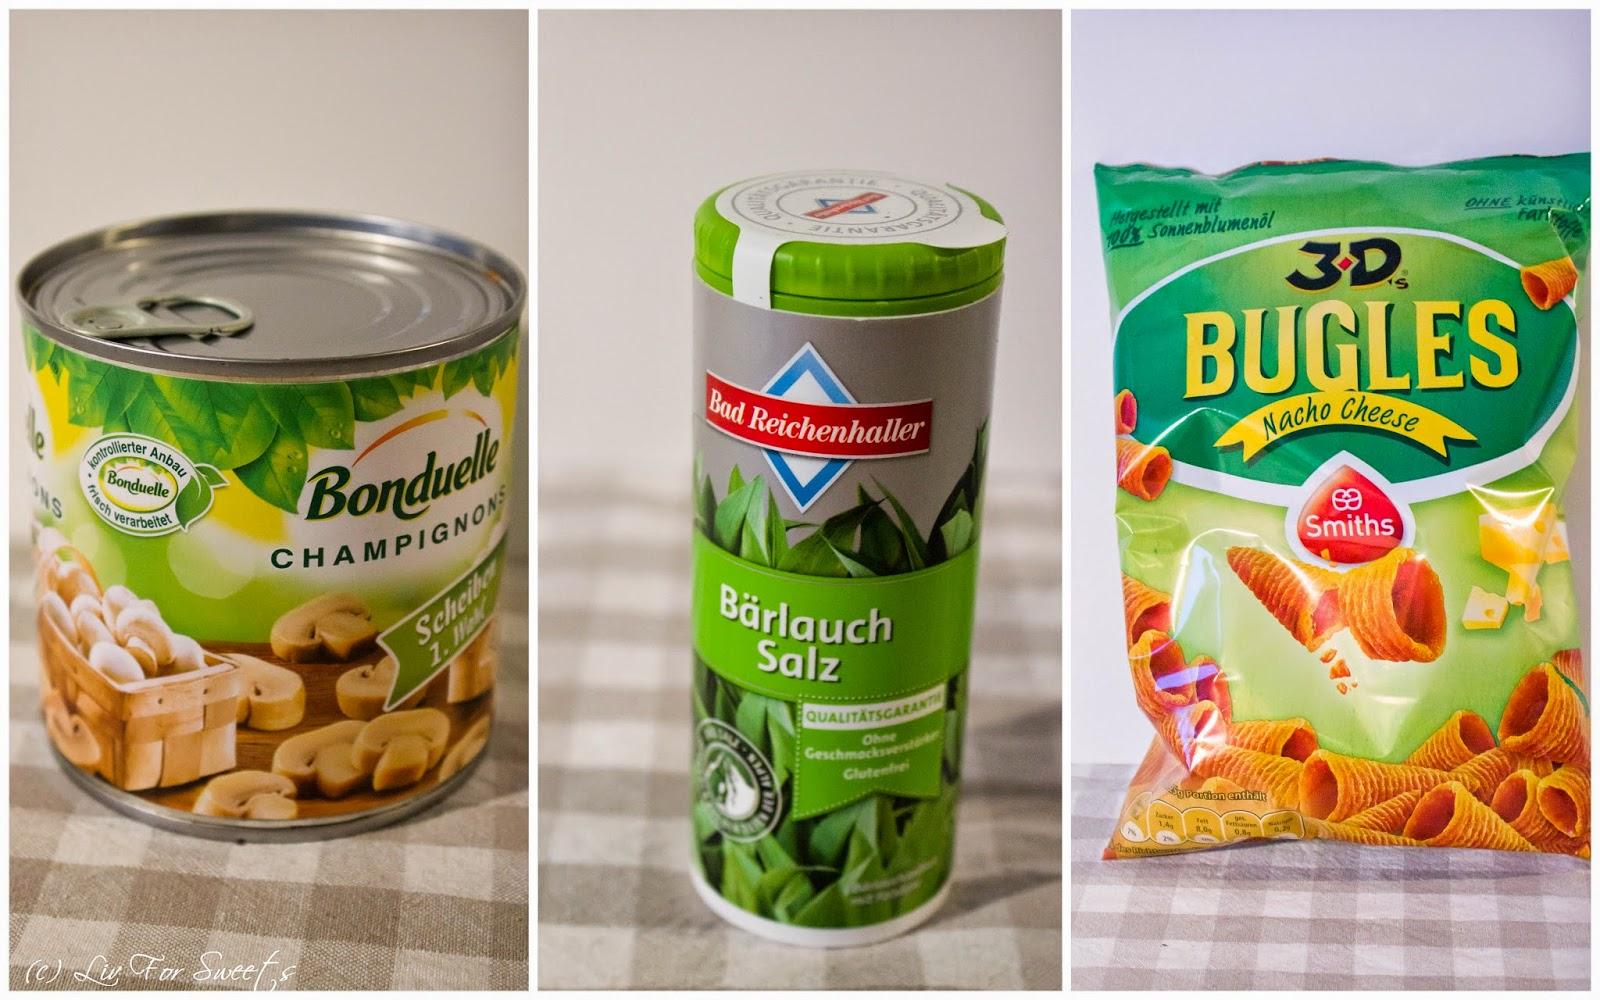 Bonduelle Champignons, Bad Reichenhaller Bärlauch Salz, Smiths Bugles